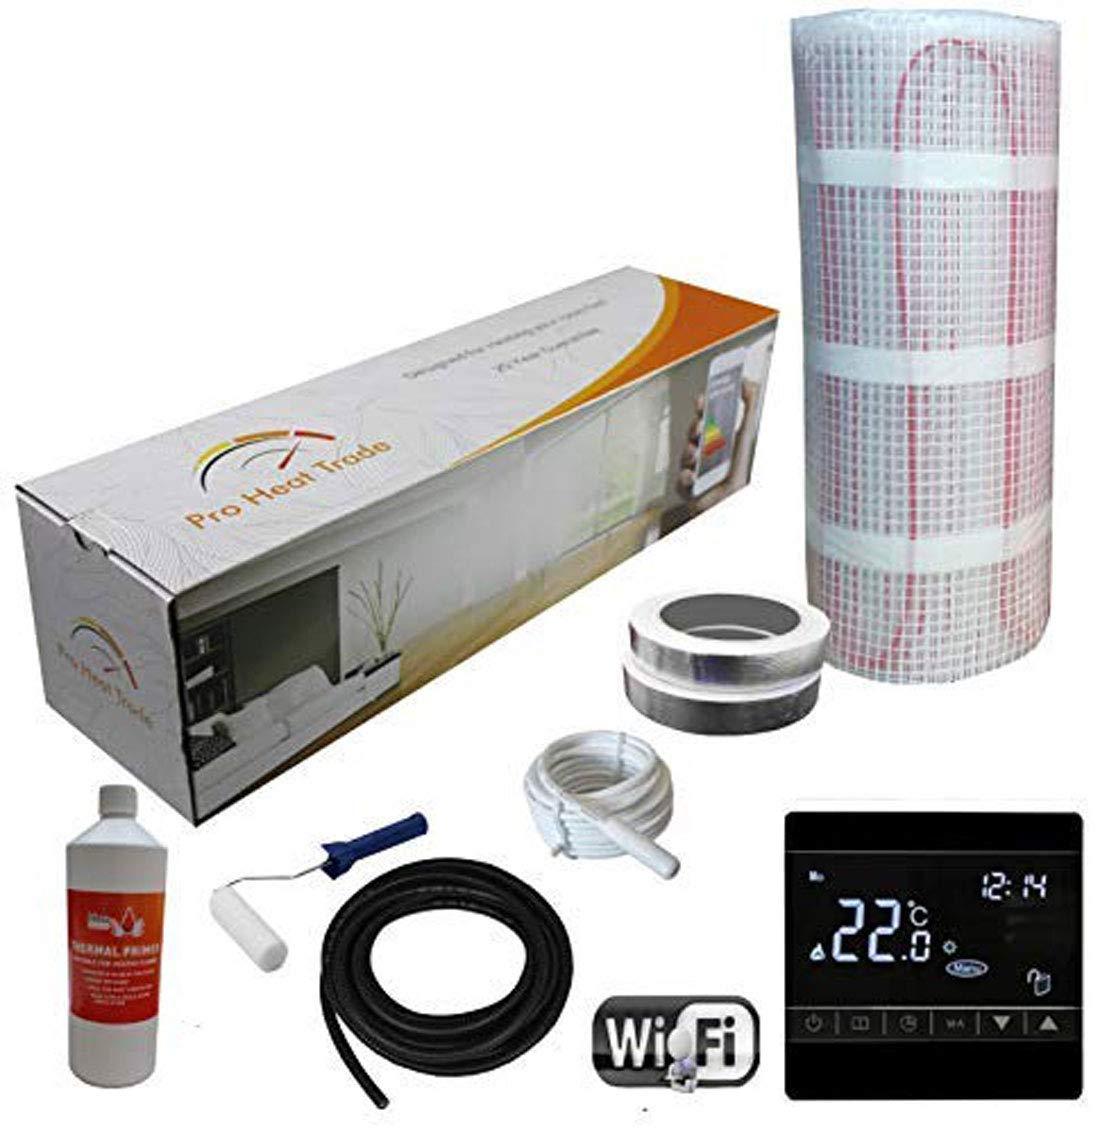 3.0m/² Kit de Calefacci/ón El/éctrica Caja Amarilla Por Suelo Radiante de 200 W Nassboards Premium Pro Termostato Blanco WiFi Inal/ámbrico